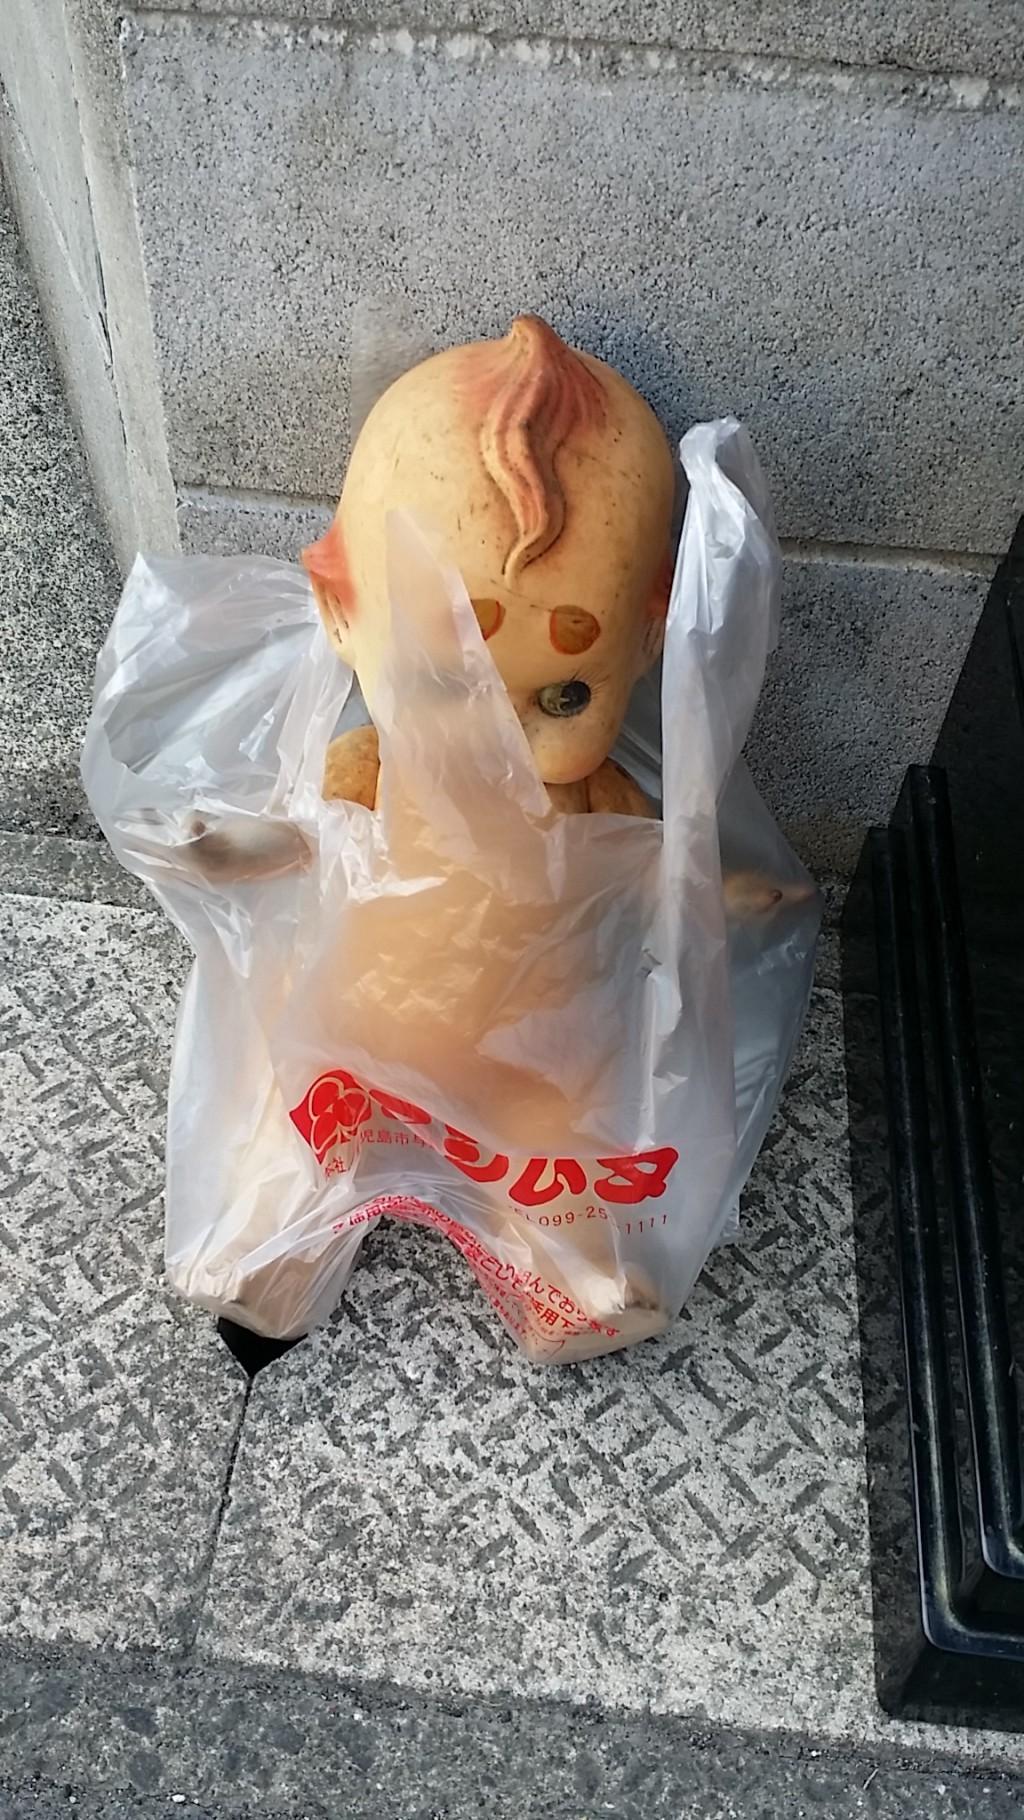 【鹿児島市】仏壇、人形の処分☆しっかり供養もしてくれたとお喜びいただけました!